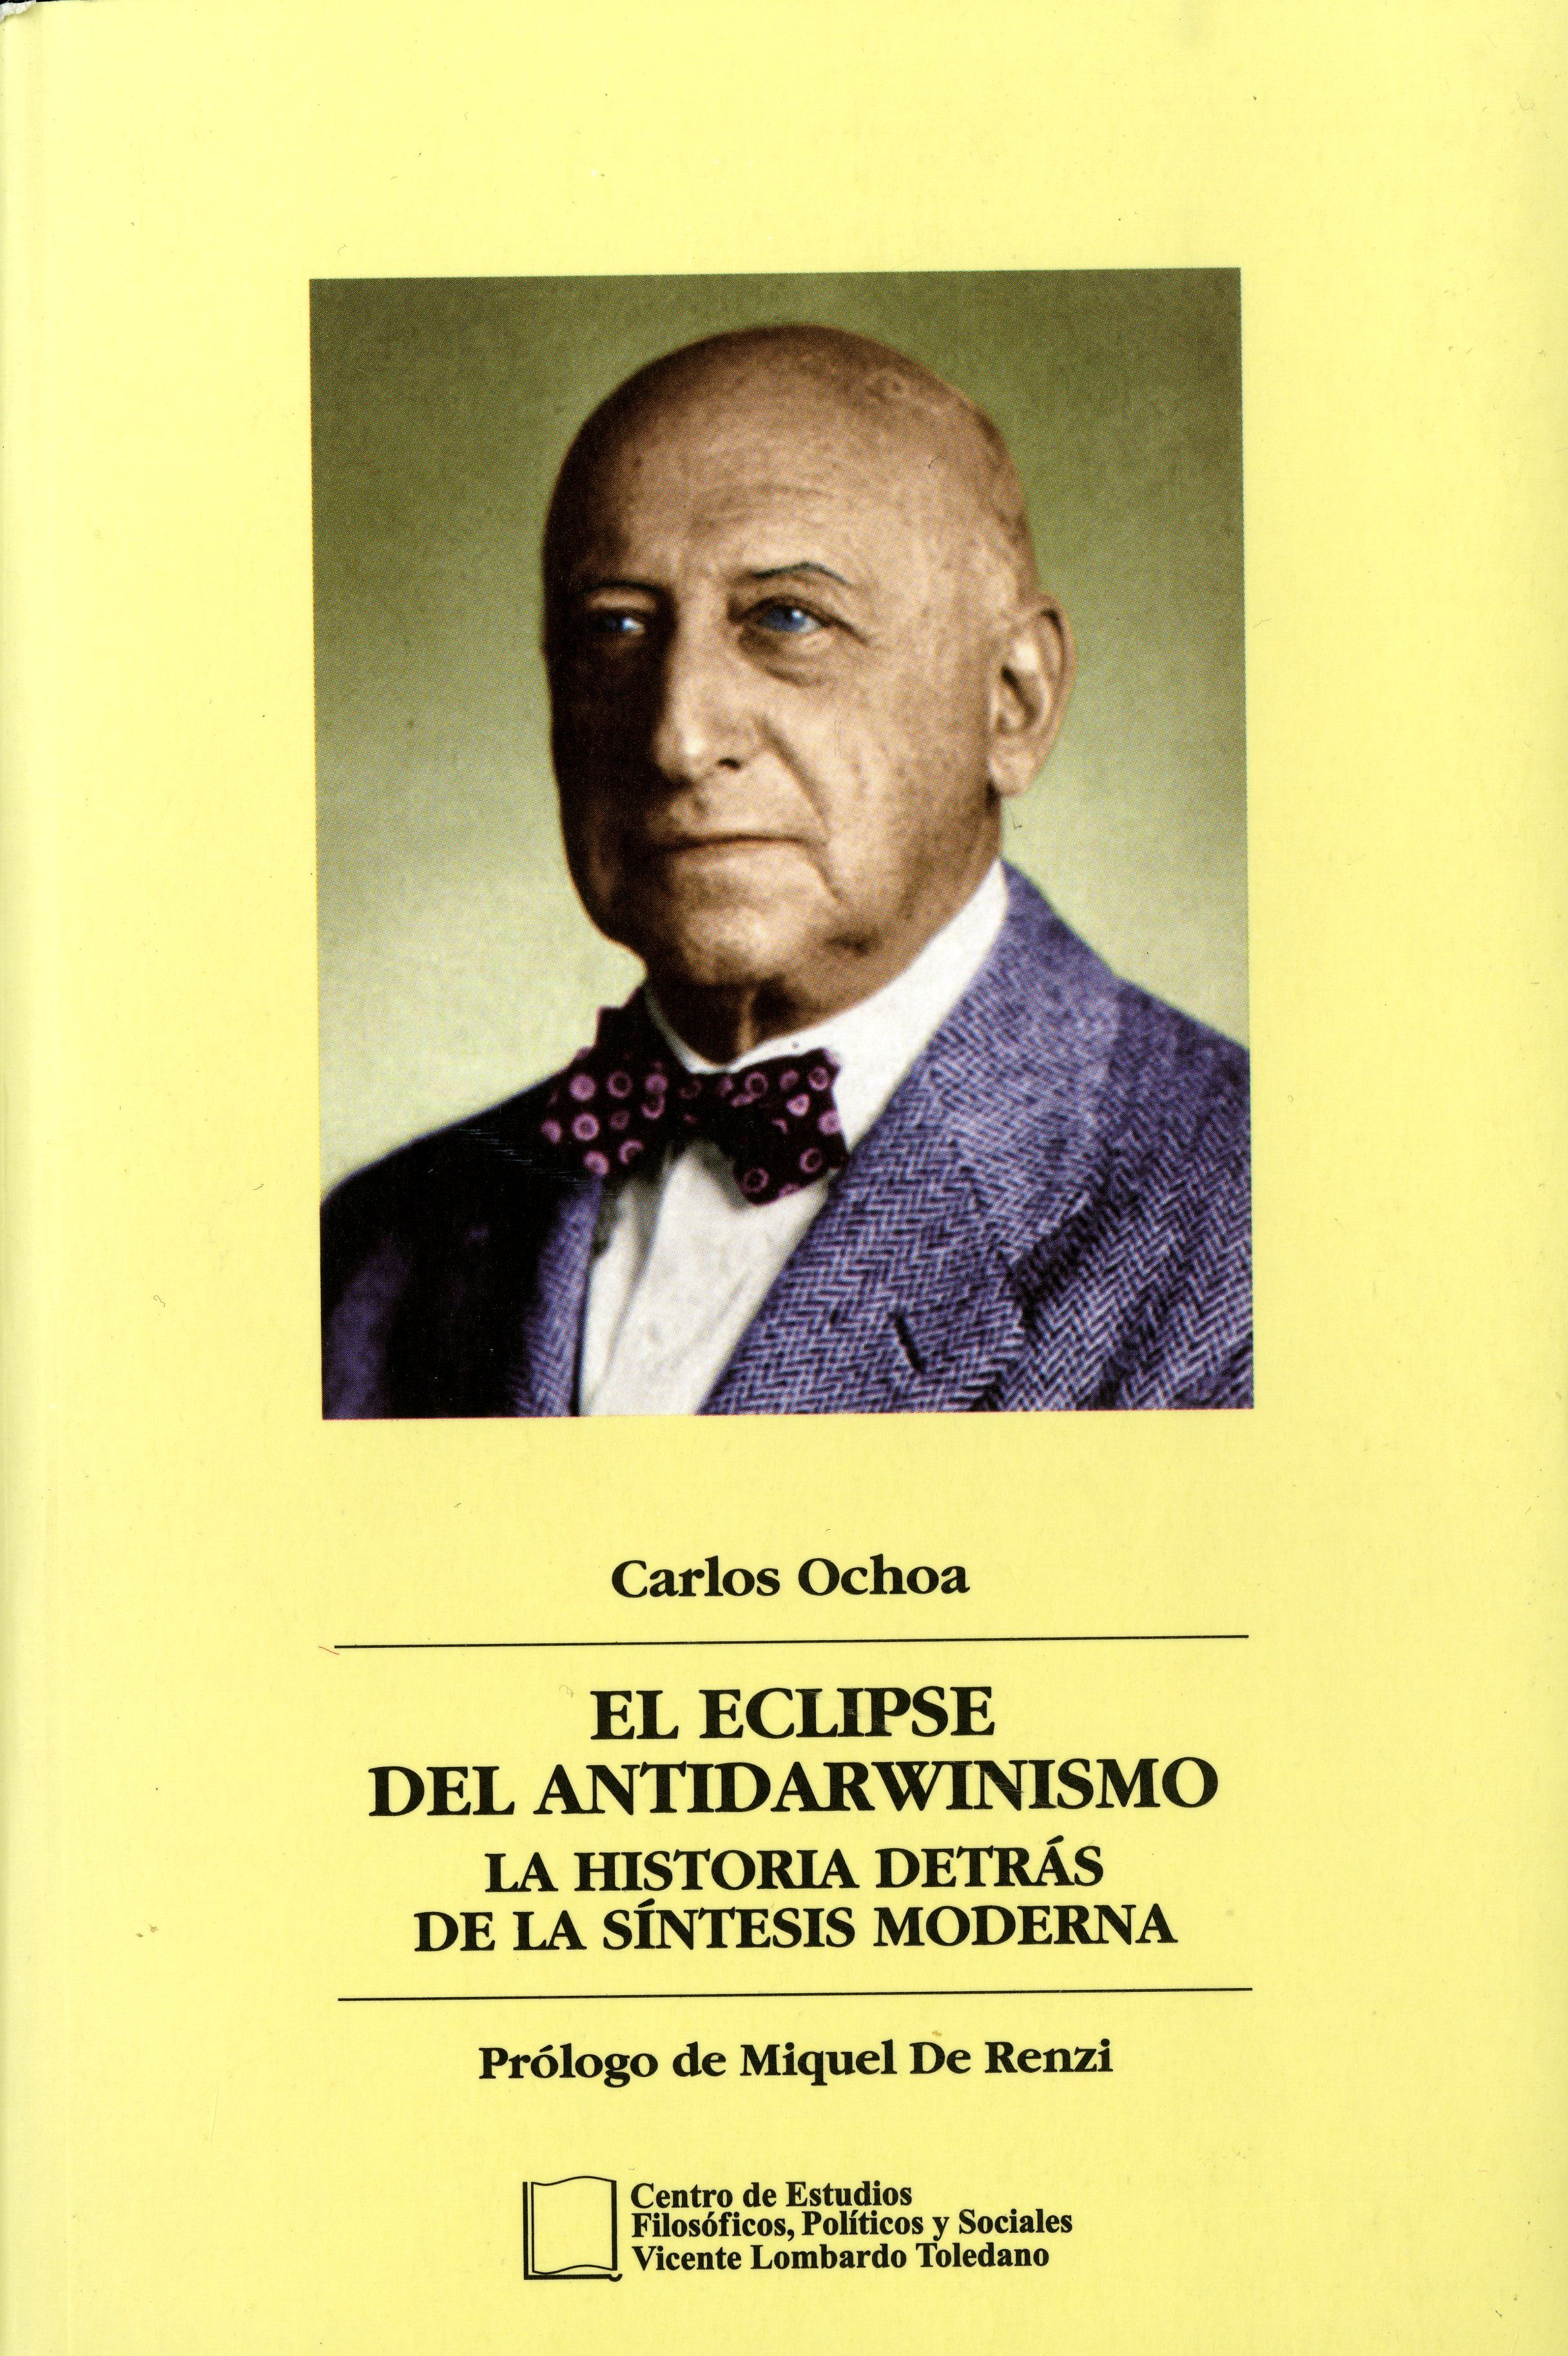 Portada del libro: EL ECLIPSE DEL ANTIDARWINISMO